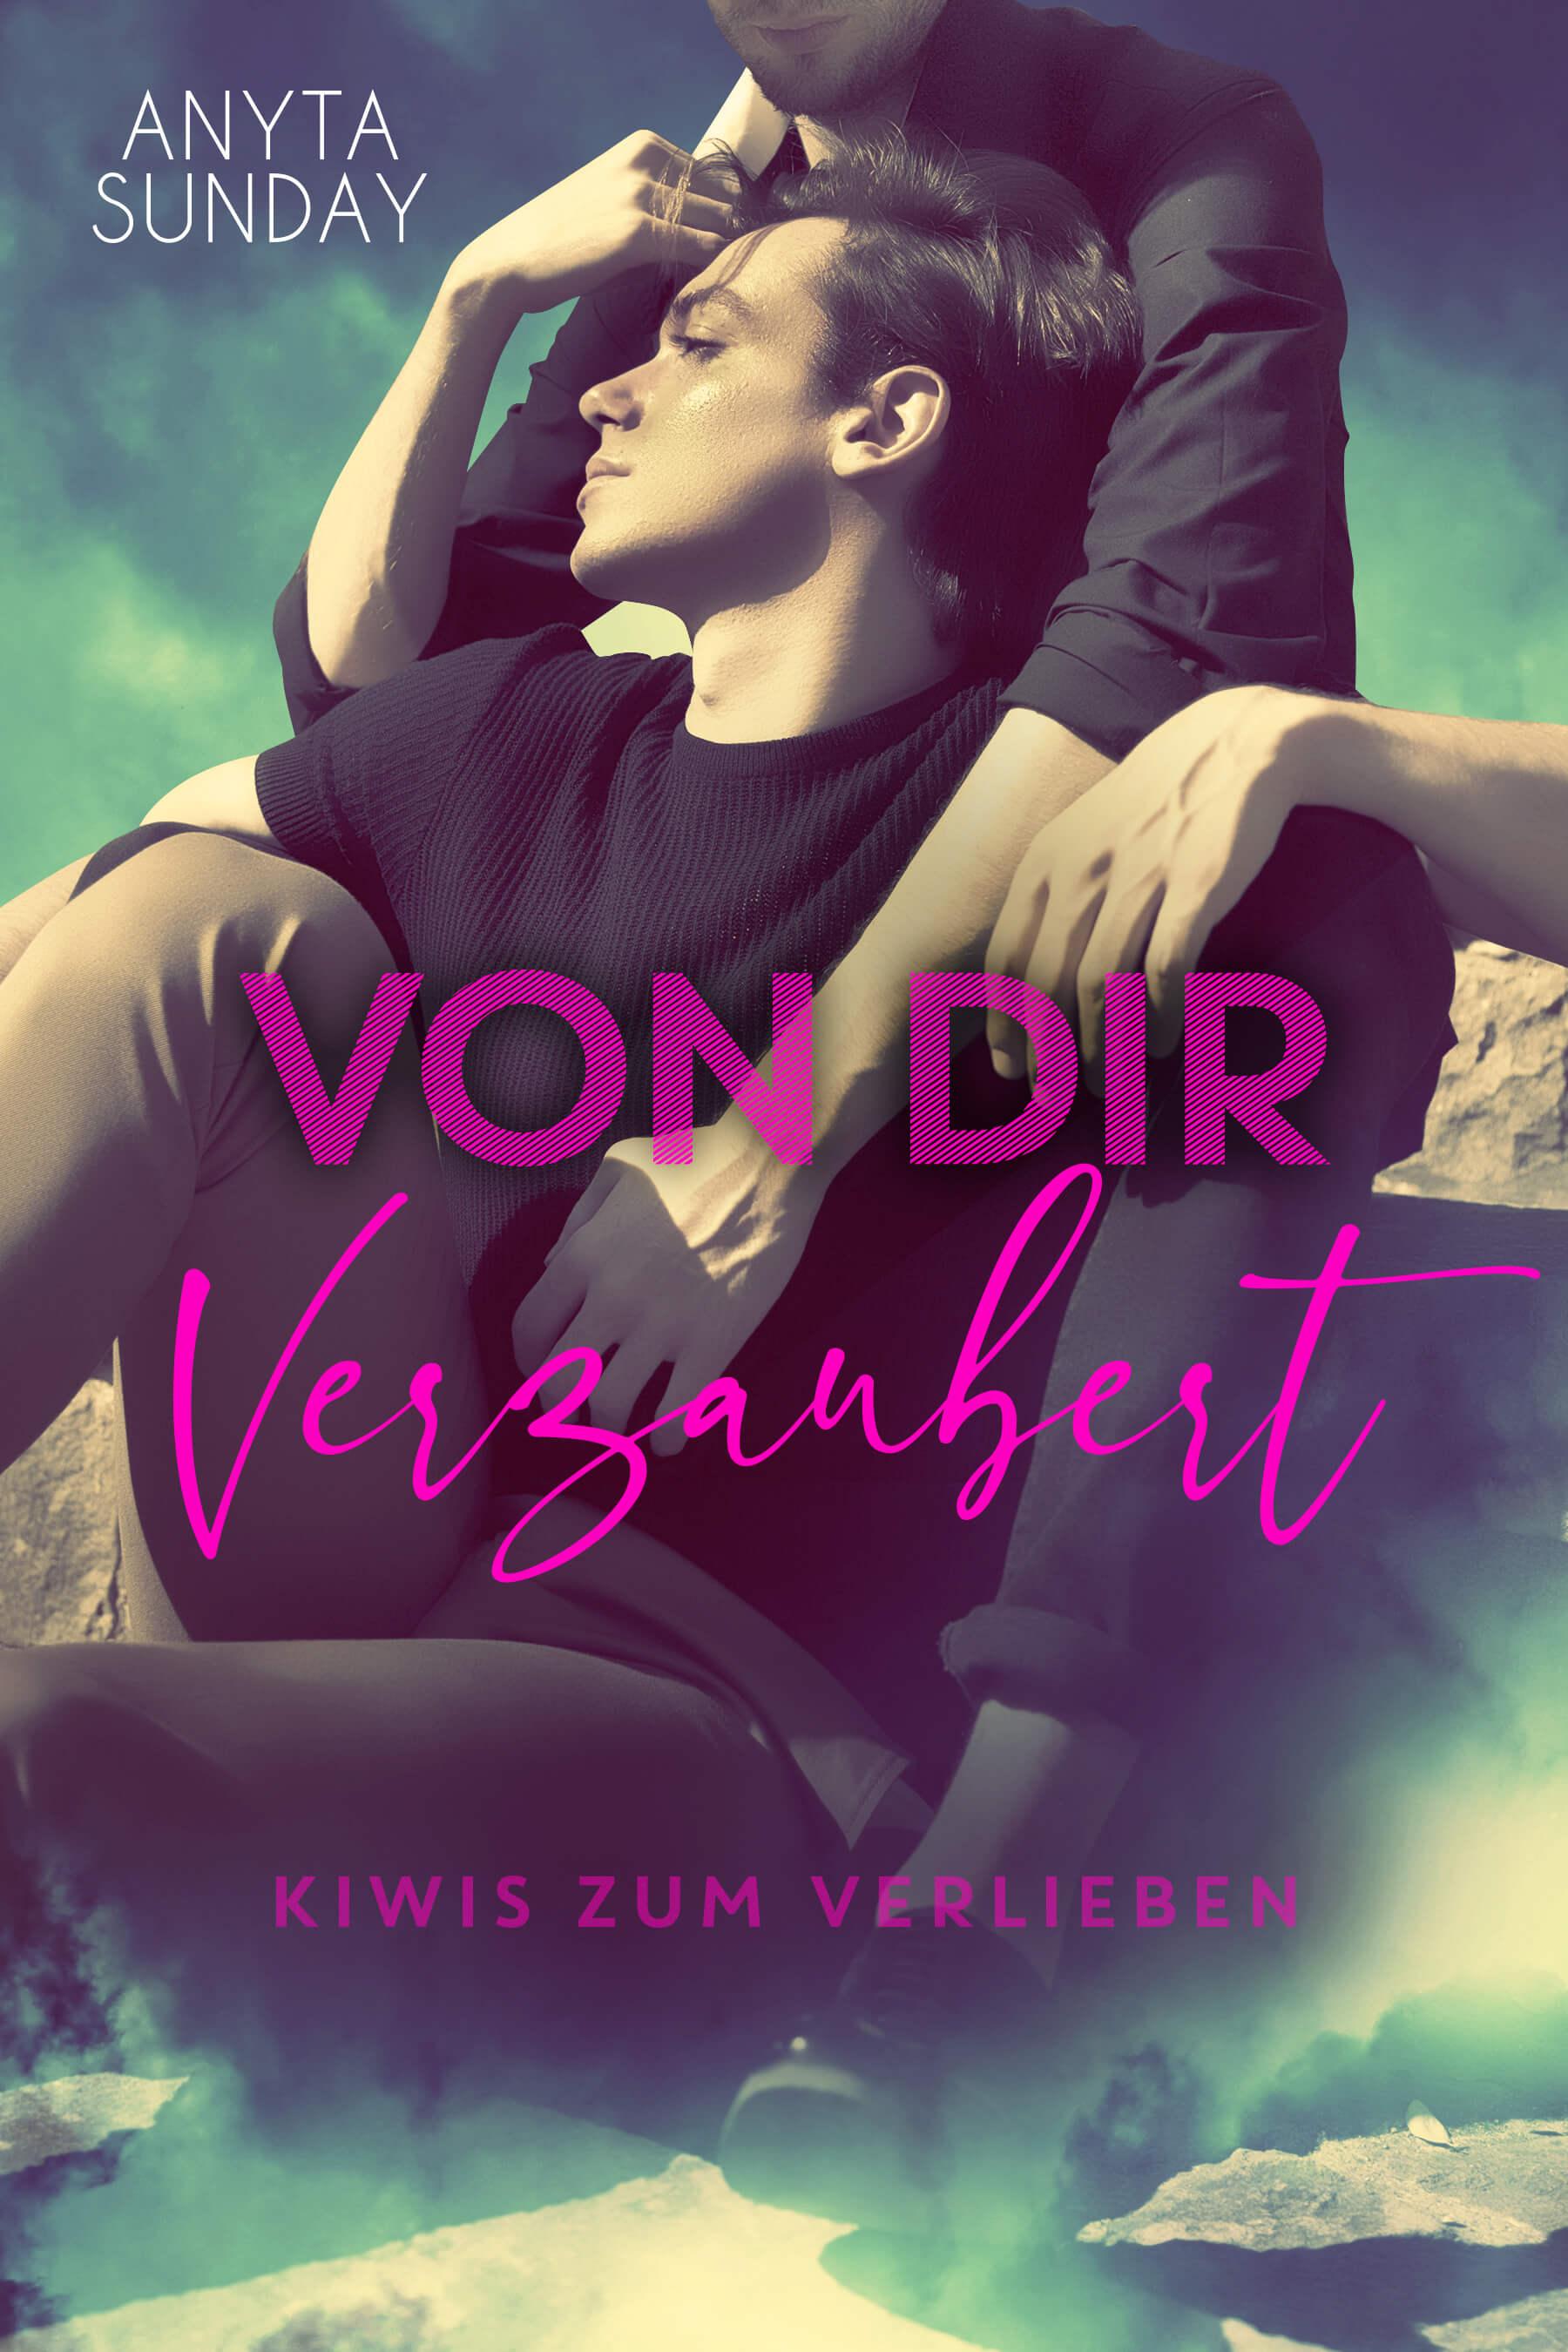 Von Dir Verzaubert Anyta Sunday Gay Romance Kiwis Zum Verlieben